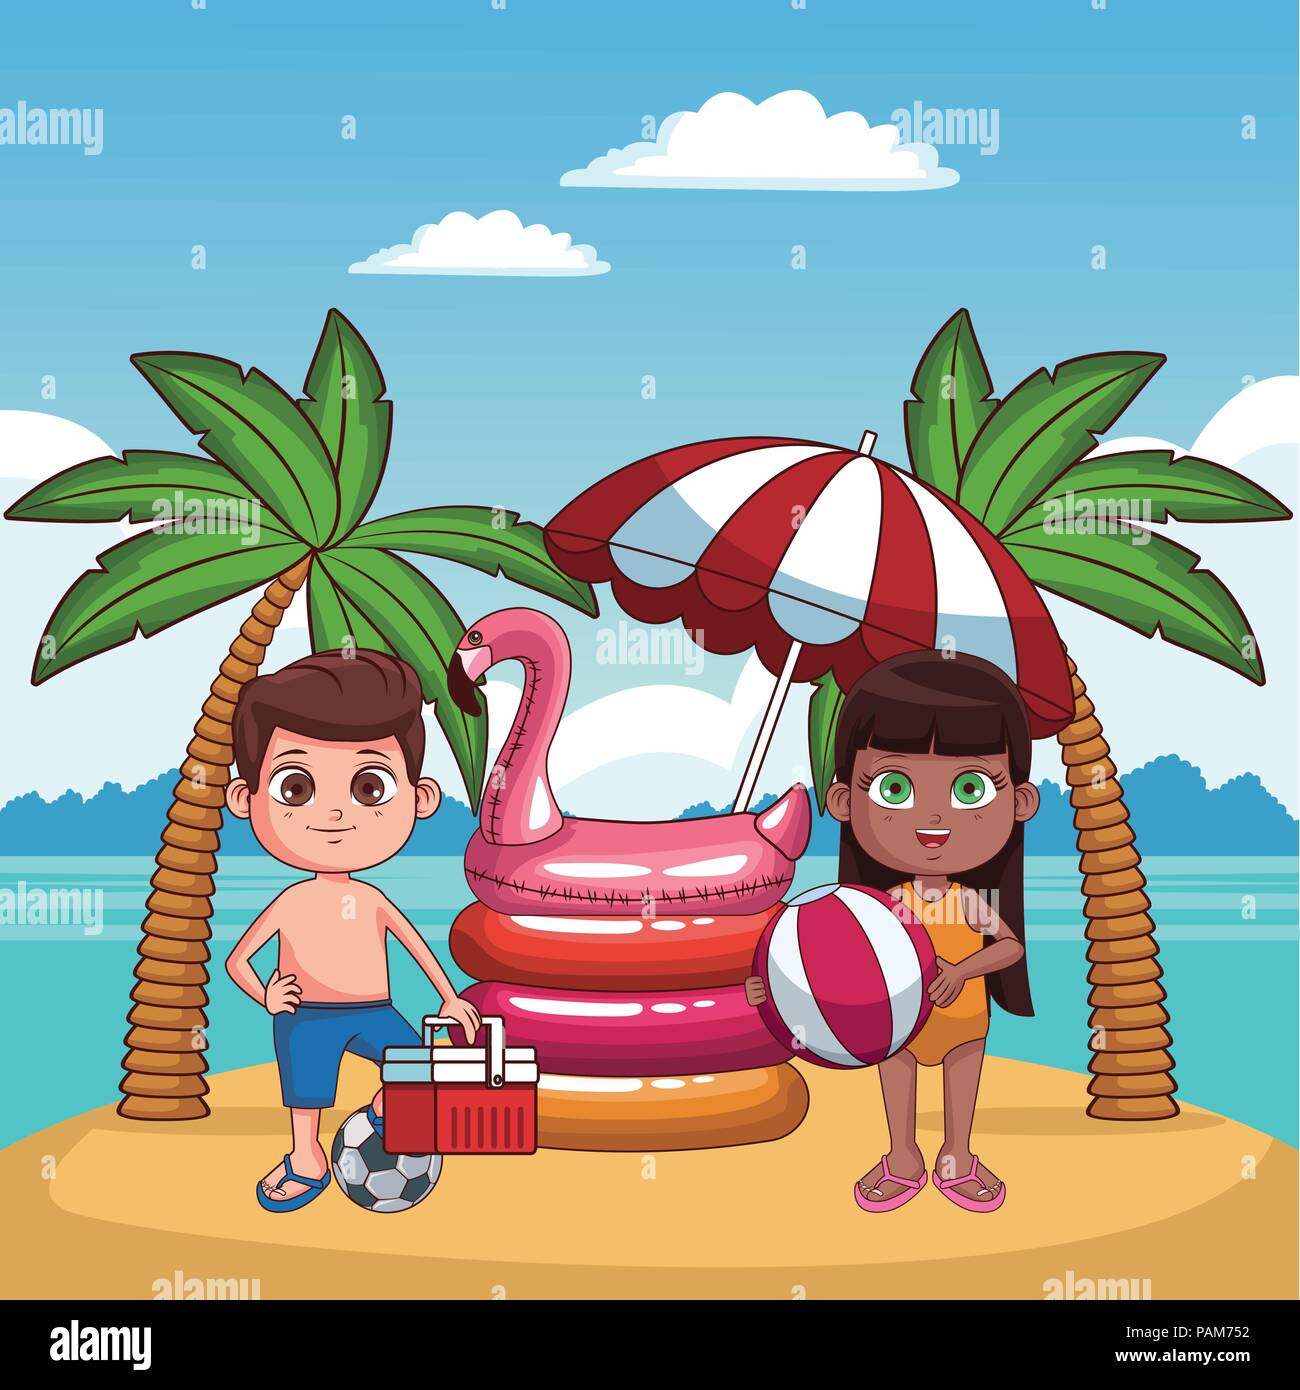 Los Niños Y La Playa Cute Dibujos Animados Ilustración Del Vector